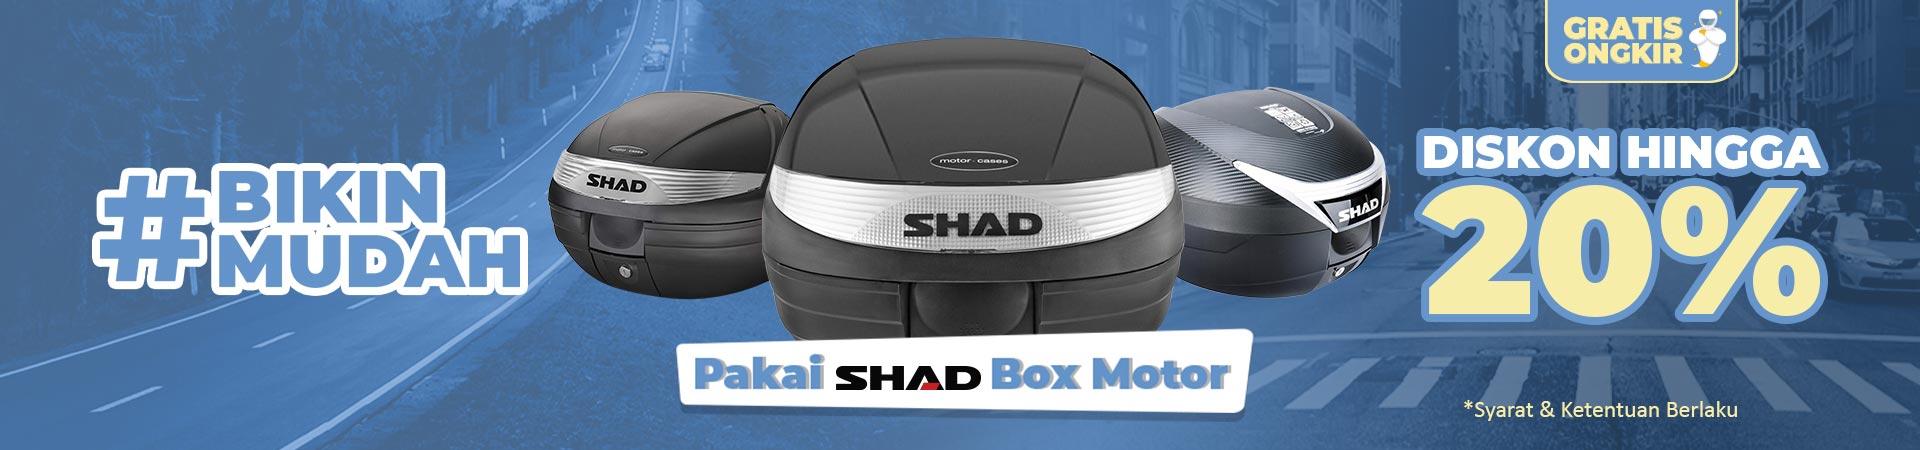 Diskon Box Motor Shad - Up To 20%